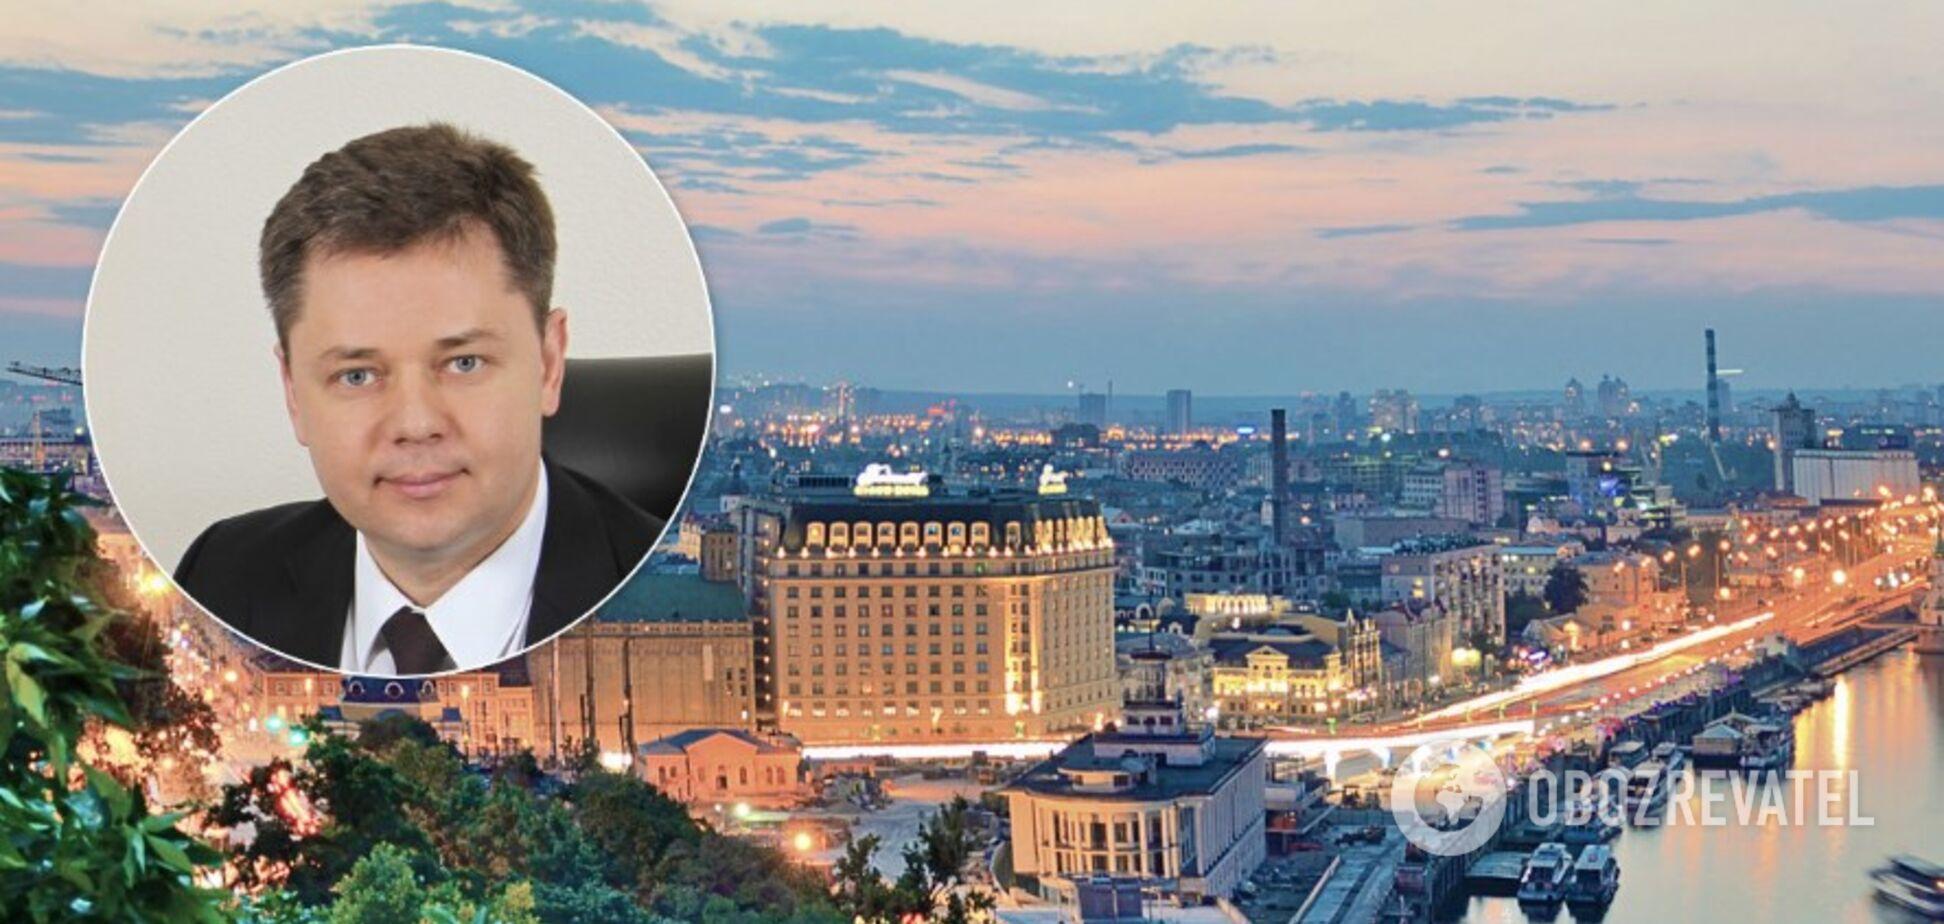 Яким буде Київ до 2040 року і що чекає на резонансні об'єкти. Інтерв'ю з головним розробником генплану